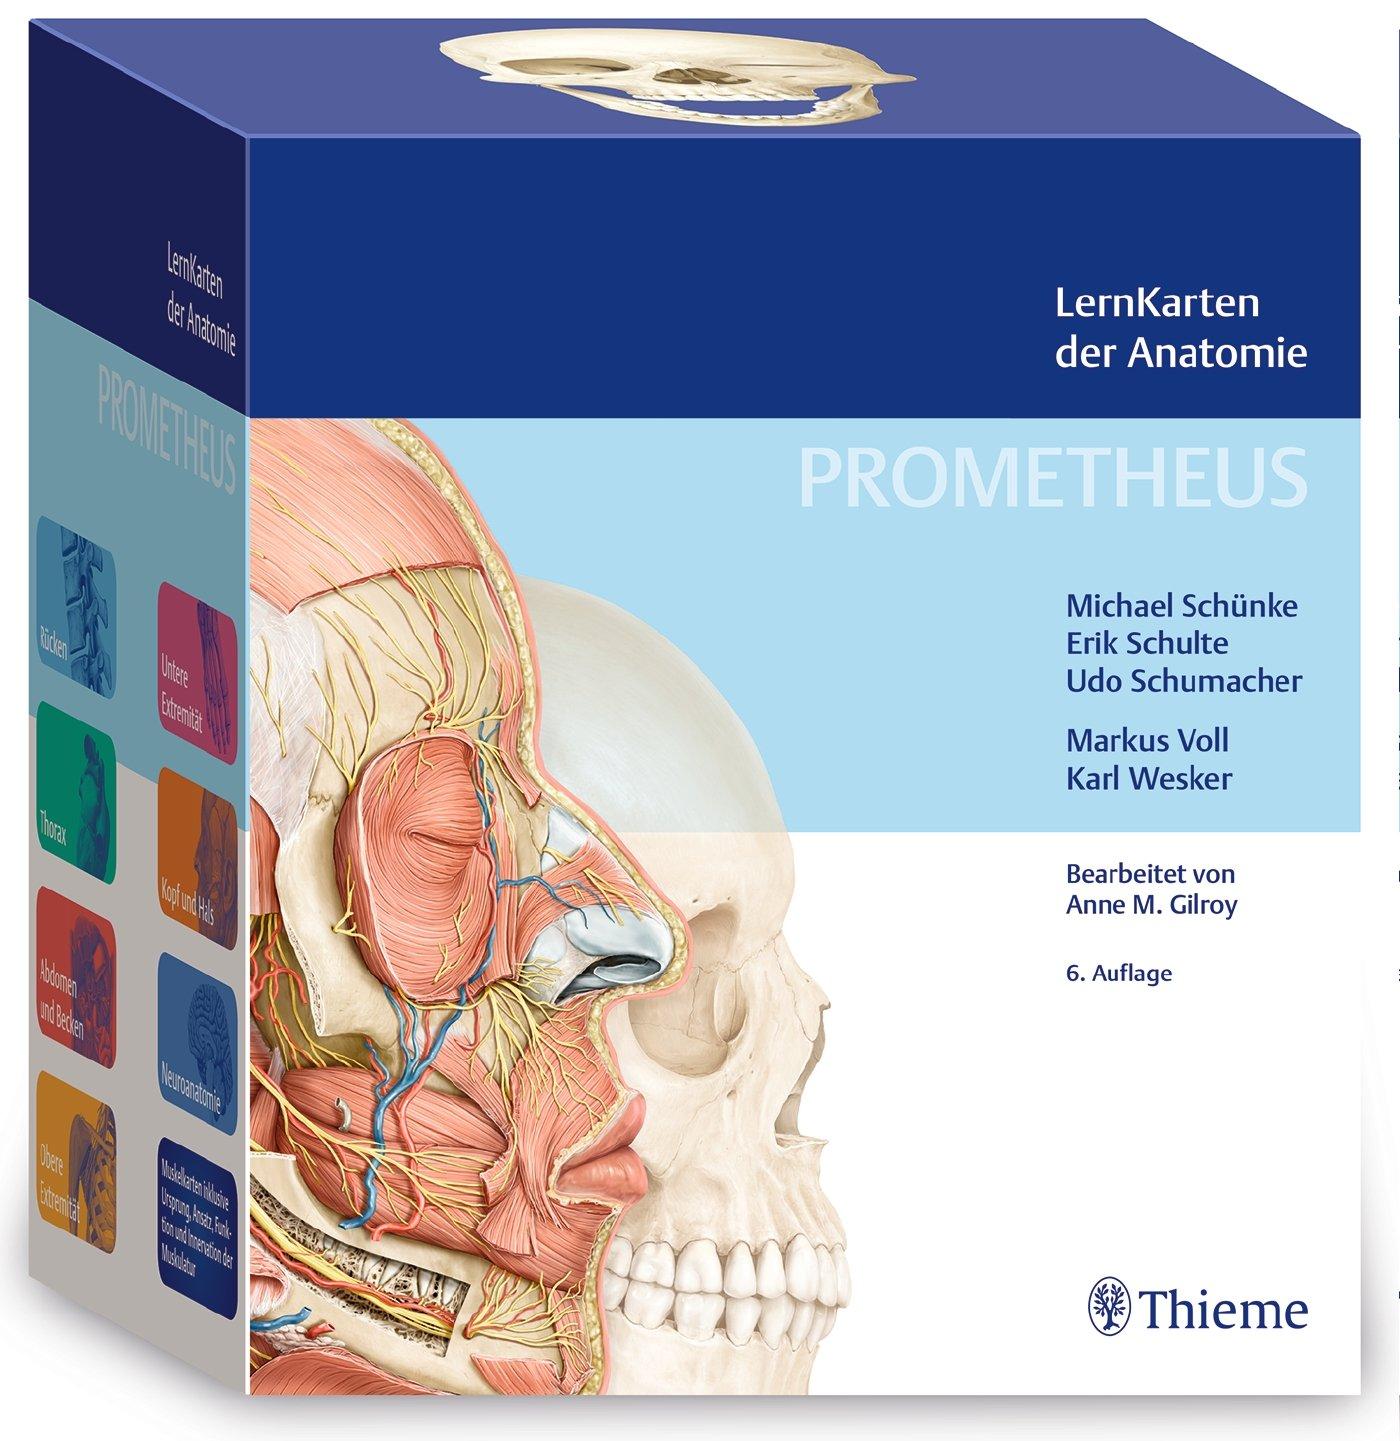 PROMETHEUS LernKarten der Anatomie: Amazon.de: Michael Schünke, Erik ...